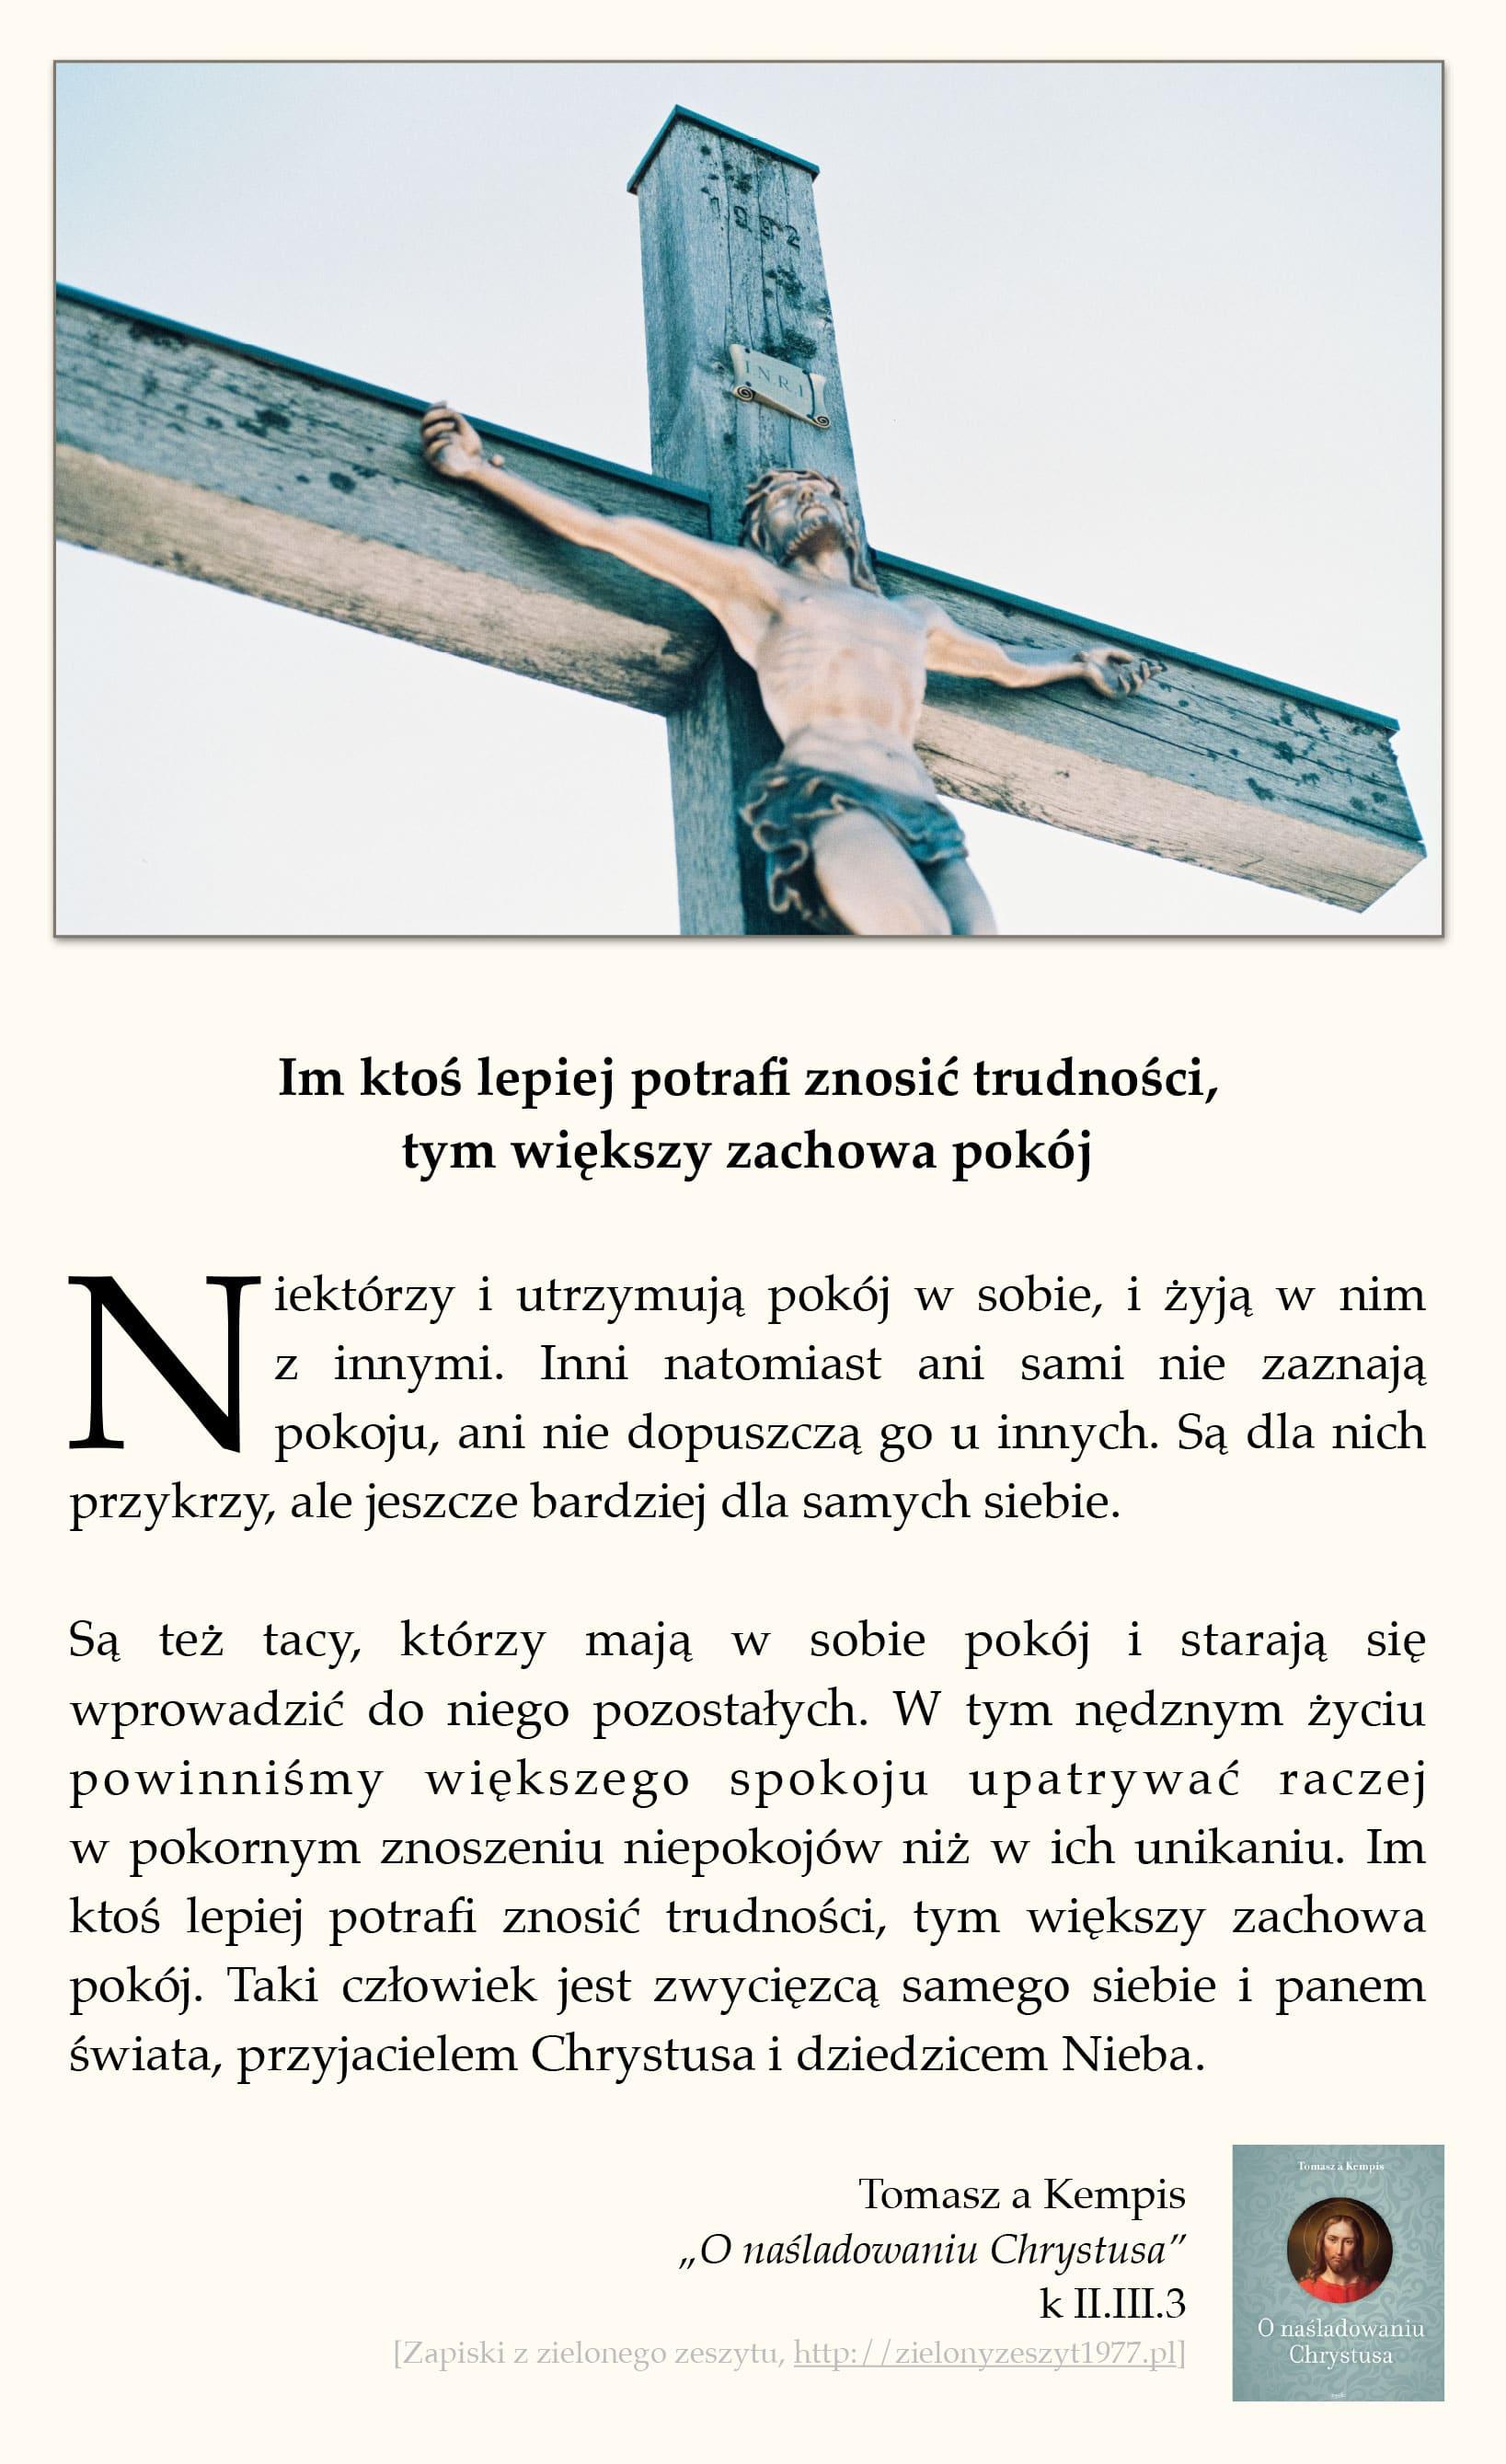 """Tomasz a Kempis, """"O naśladowaniu Chrystusa"""", k II.III.3 (Im ktoś lepiej potrafi znosić trudności, tym większy zachowa pokój)"""